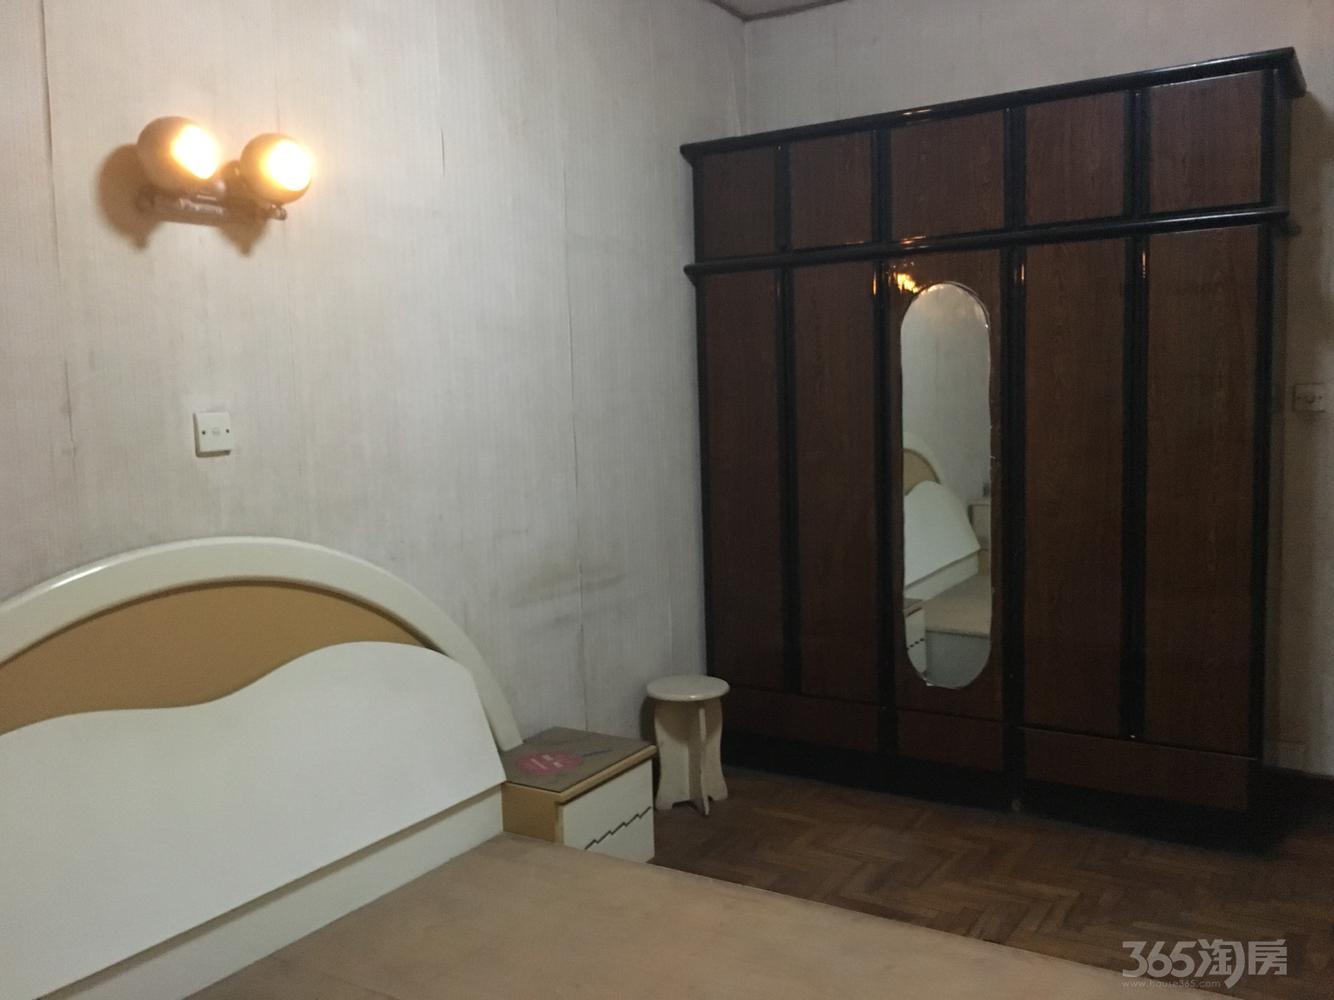 平塘新村3室1厅1卫83平米简装产权房1997年建满五年